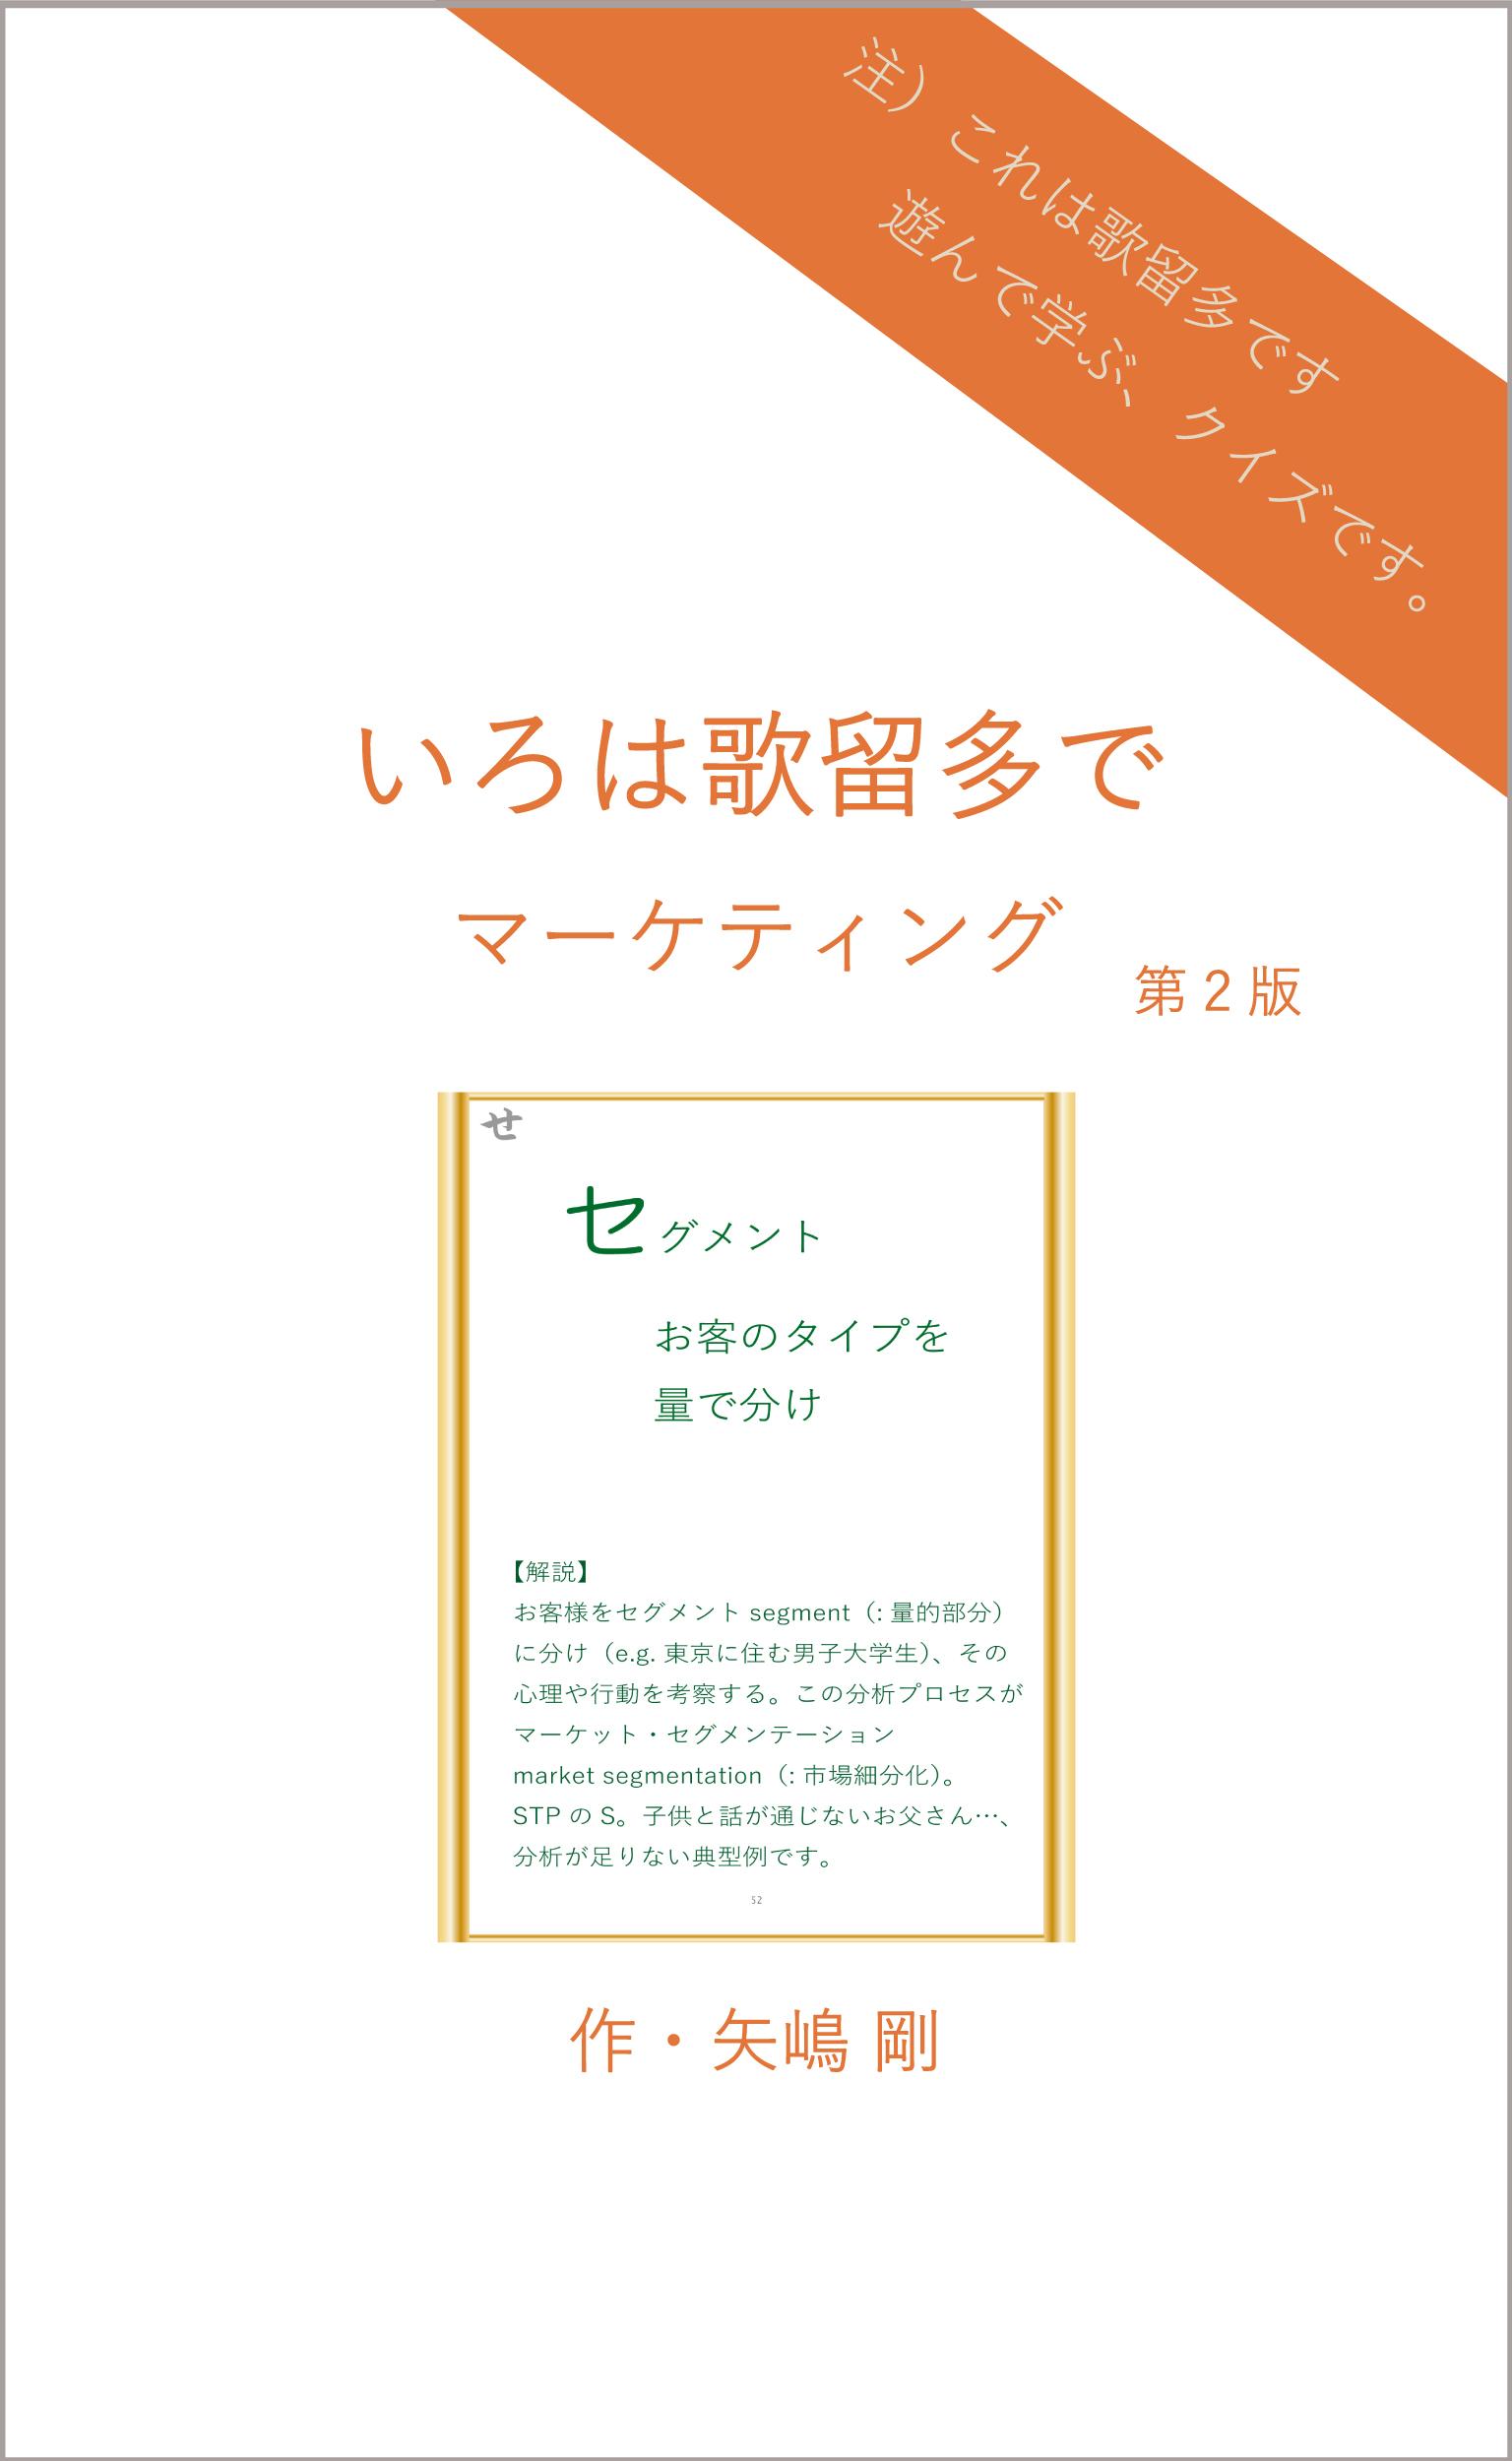 いろは歌留多でマーケティング 第2版 作・矢嶋剛